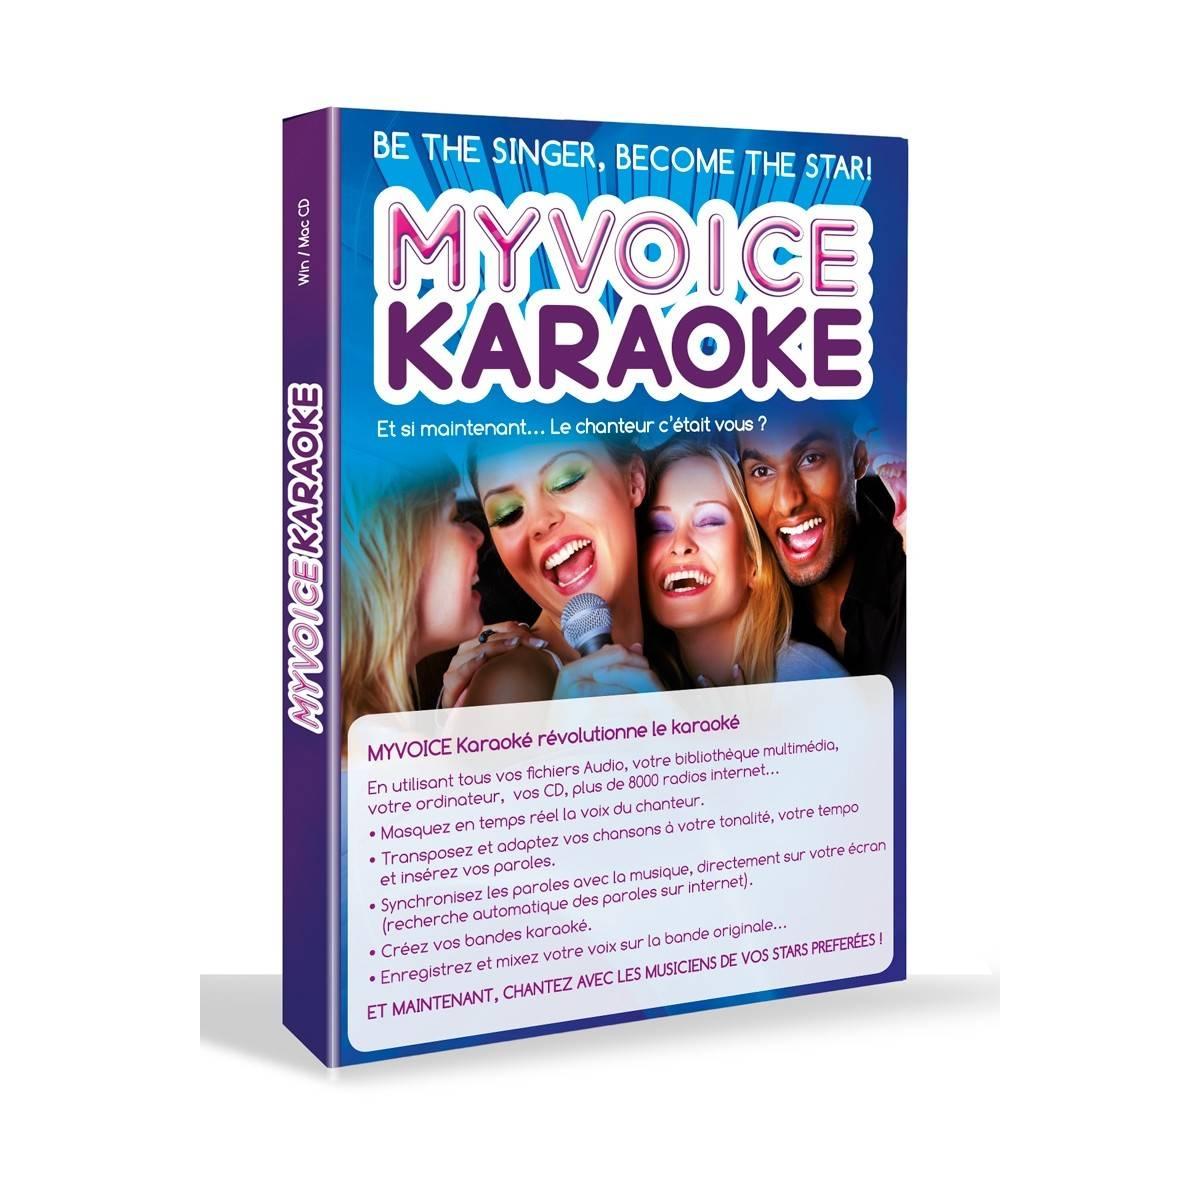 Logiciel MyVoice Karaoké